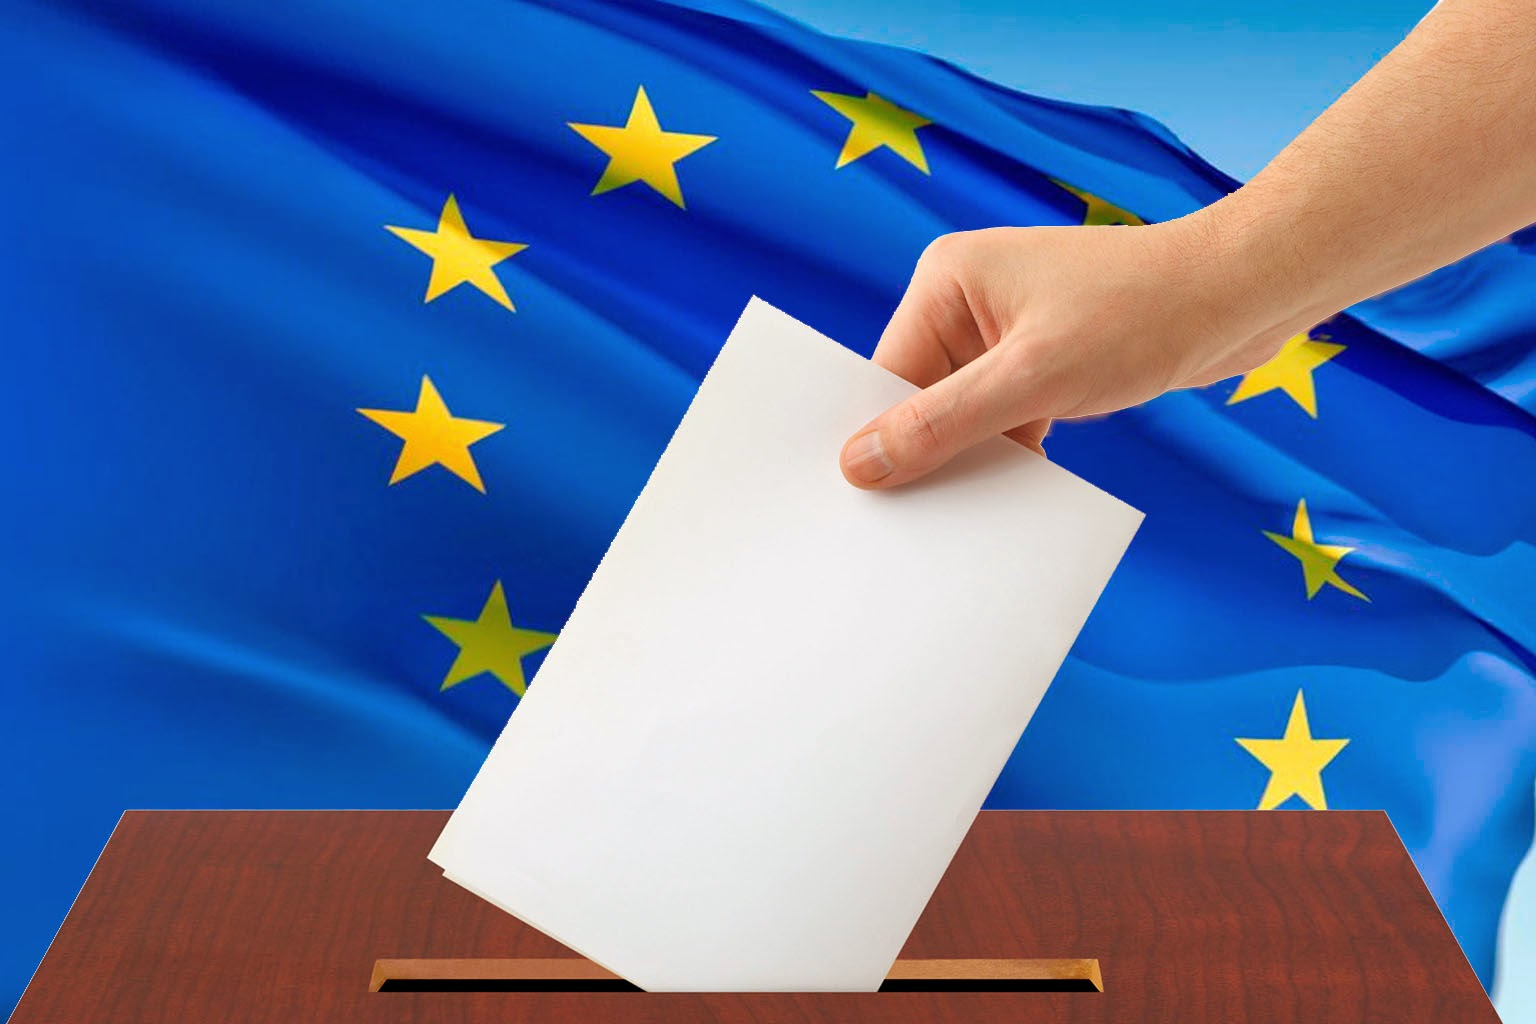 Expresar la opinión con el voto